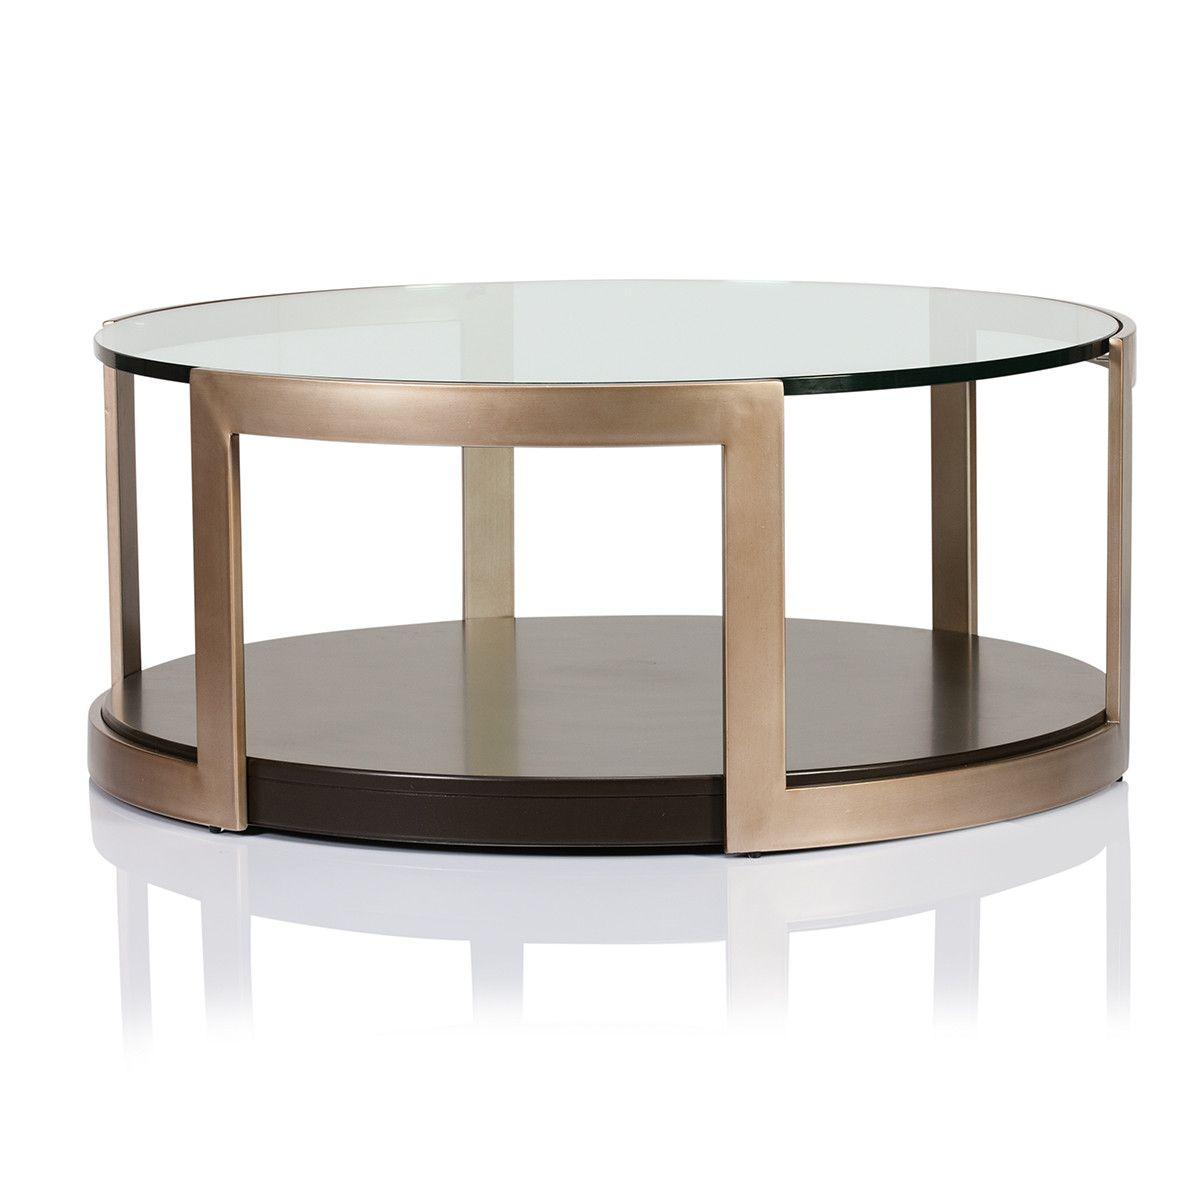 Manhattan Glass Top Round Coffee Table Round Coffee Table Glass Top Coffee Table Coffee Table Furniture [ 1200 x 1200 Pixel ]